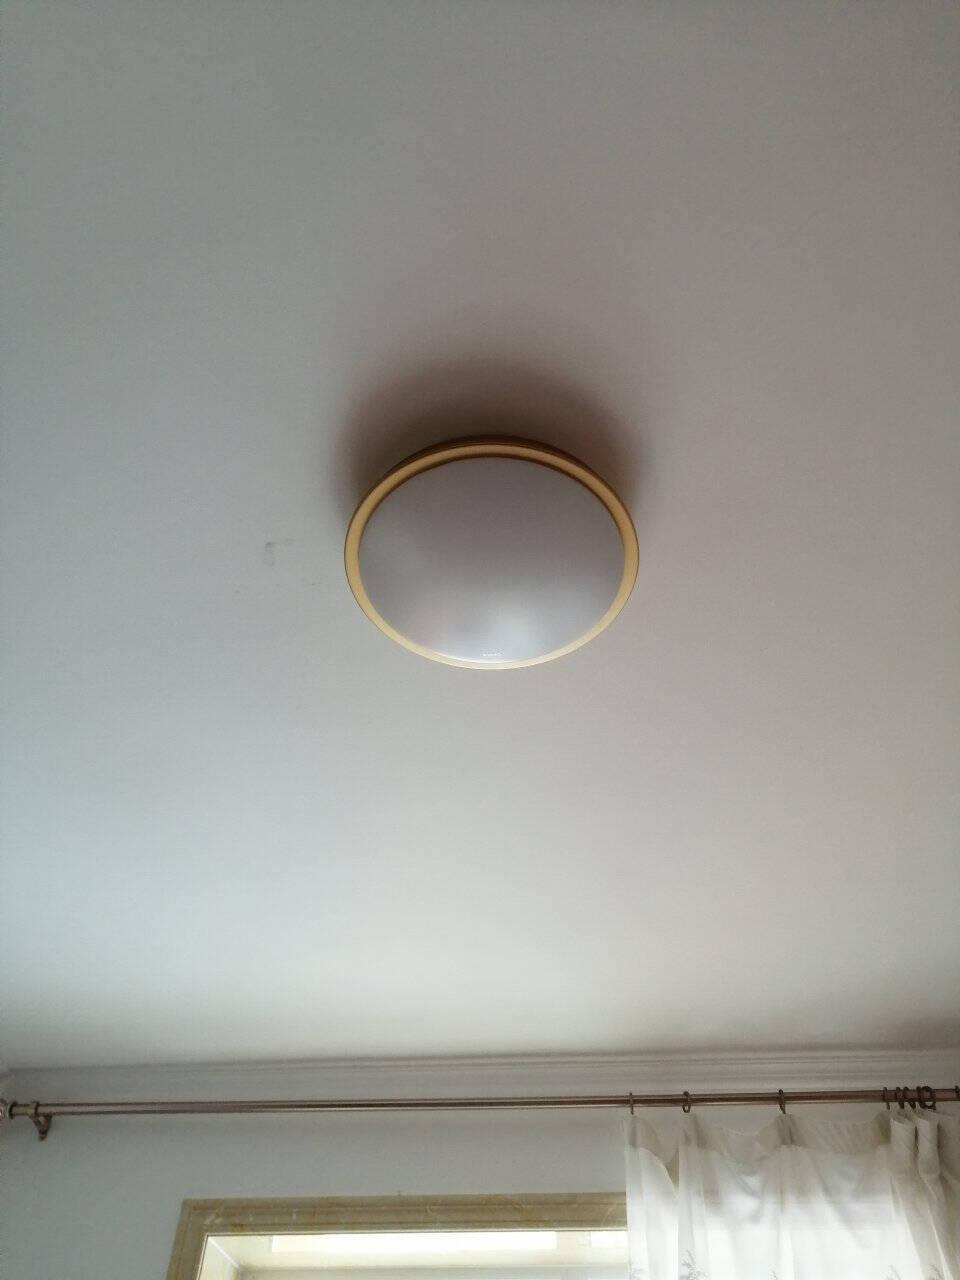 欧普照明(OPPLE)米家APP直连客厅房间led吸顶灯饰全屋灯具现代简约大气米家款【三室户】5灯-客厅+两档卧室x3+餐吊